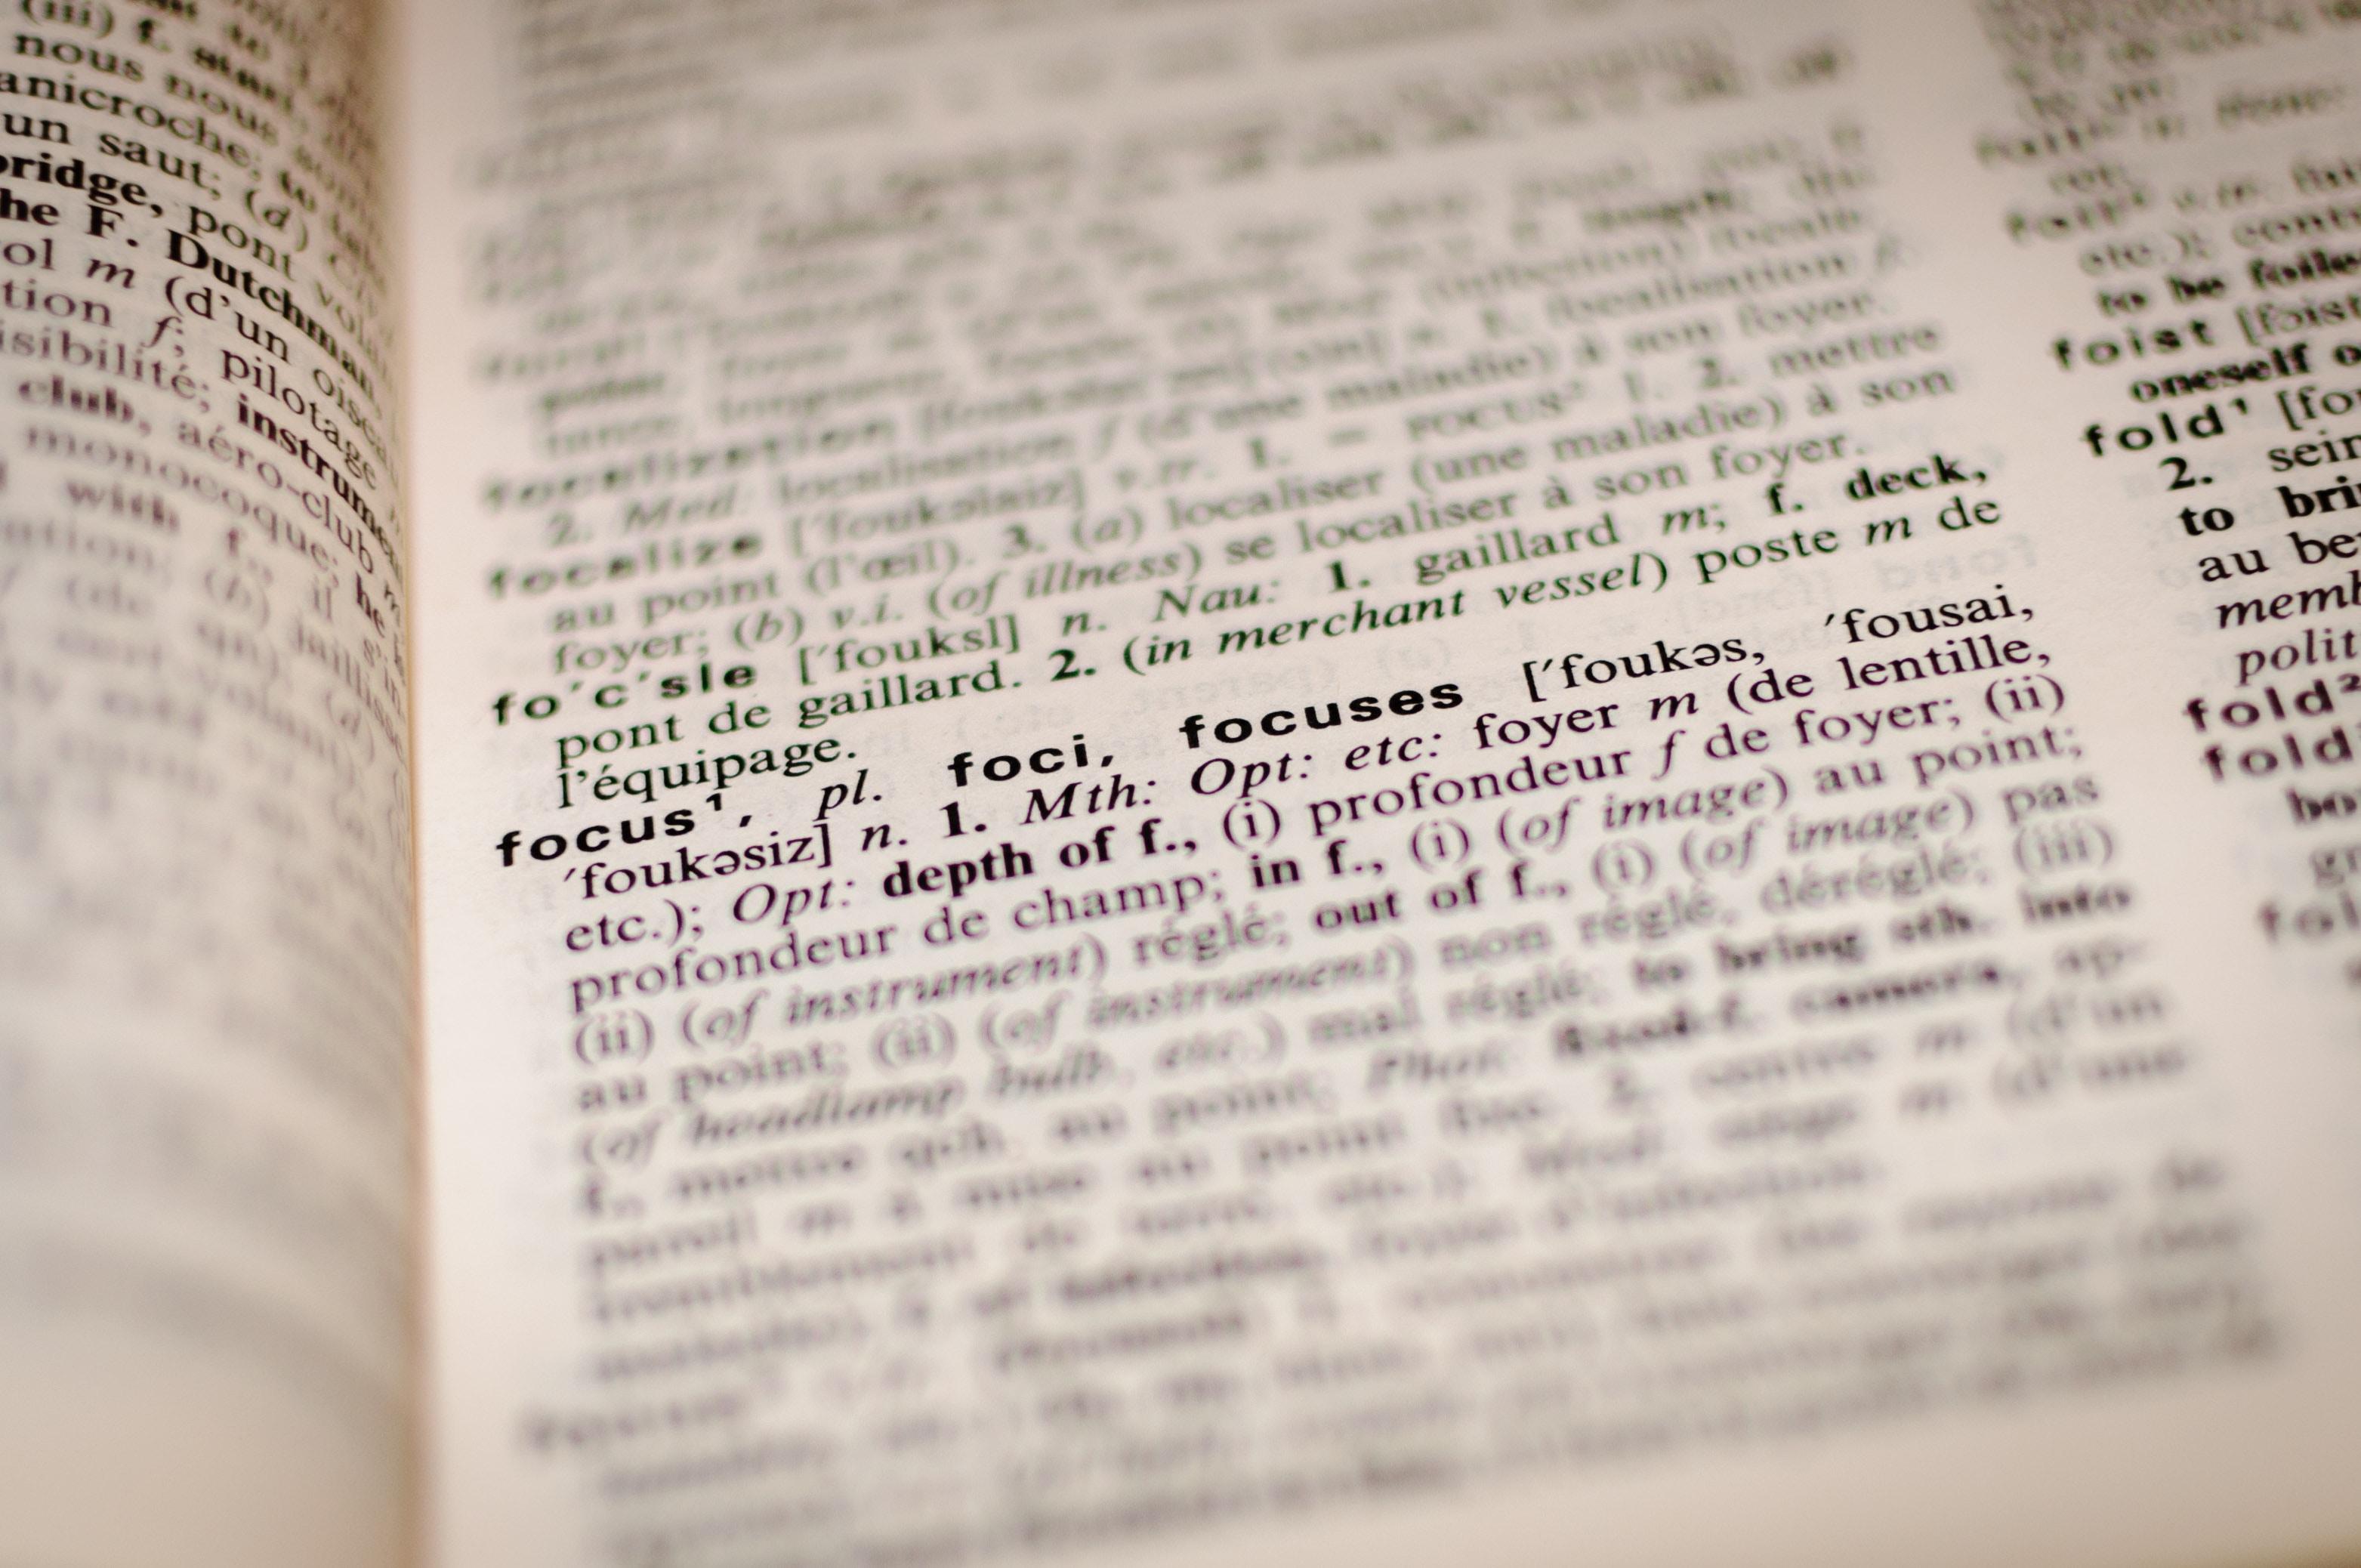 Najpotrzebniejsze zwroty prawnicze, wykorzystywane przy formułowaniu pism procesowych, umów i opinii w tłumaczeniu na język angielski